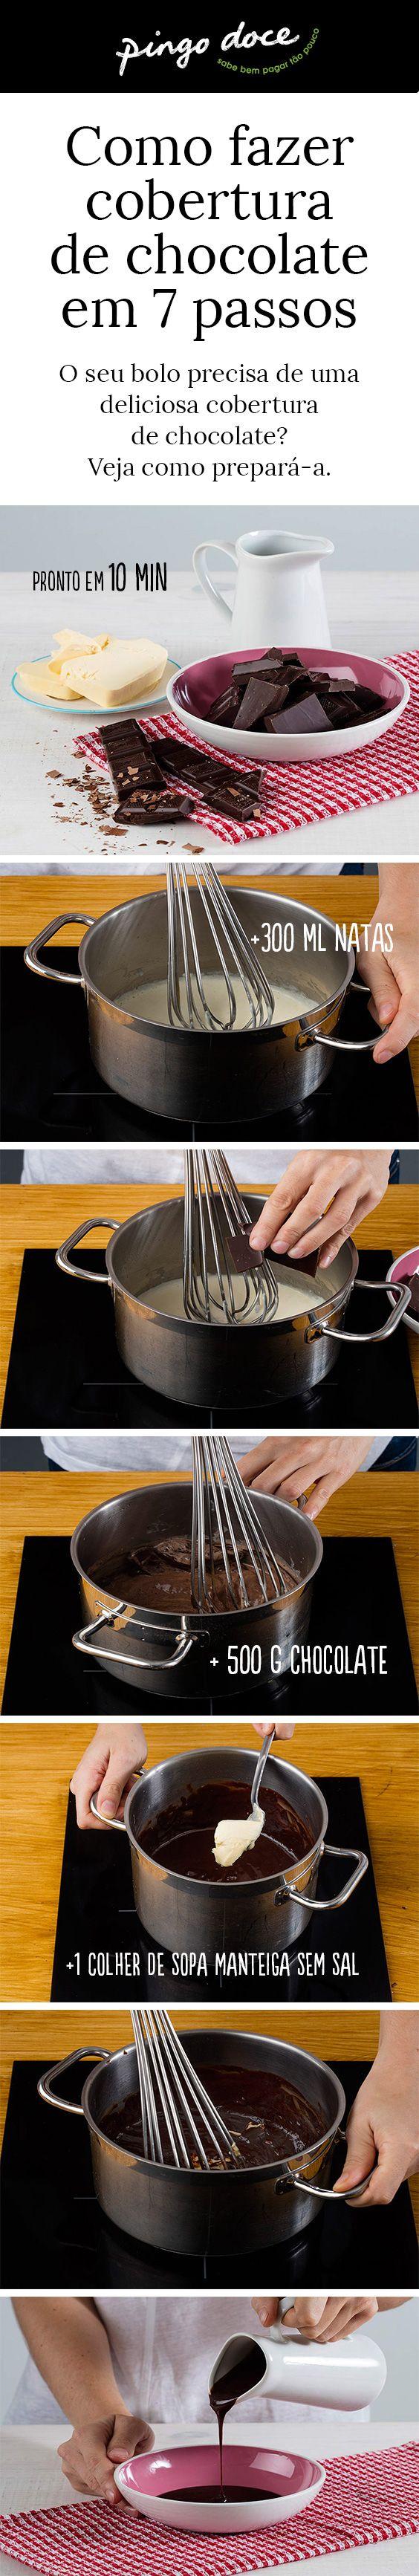 Aprenda como se faz esta cobertura de chocolate, muito fácil, em apenas 7 passos.